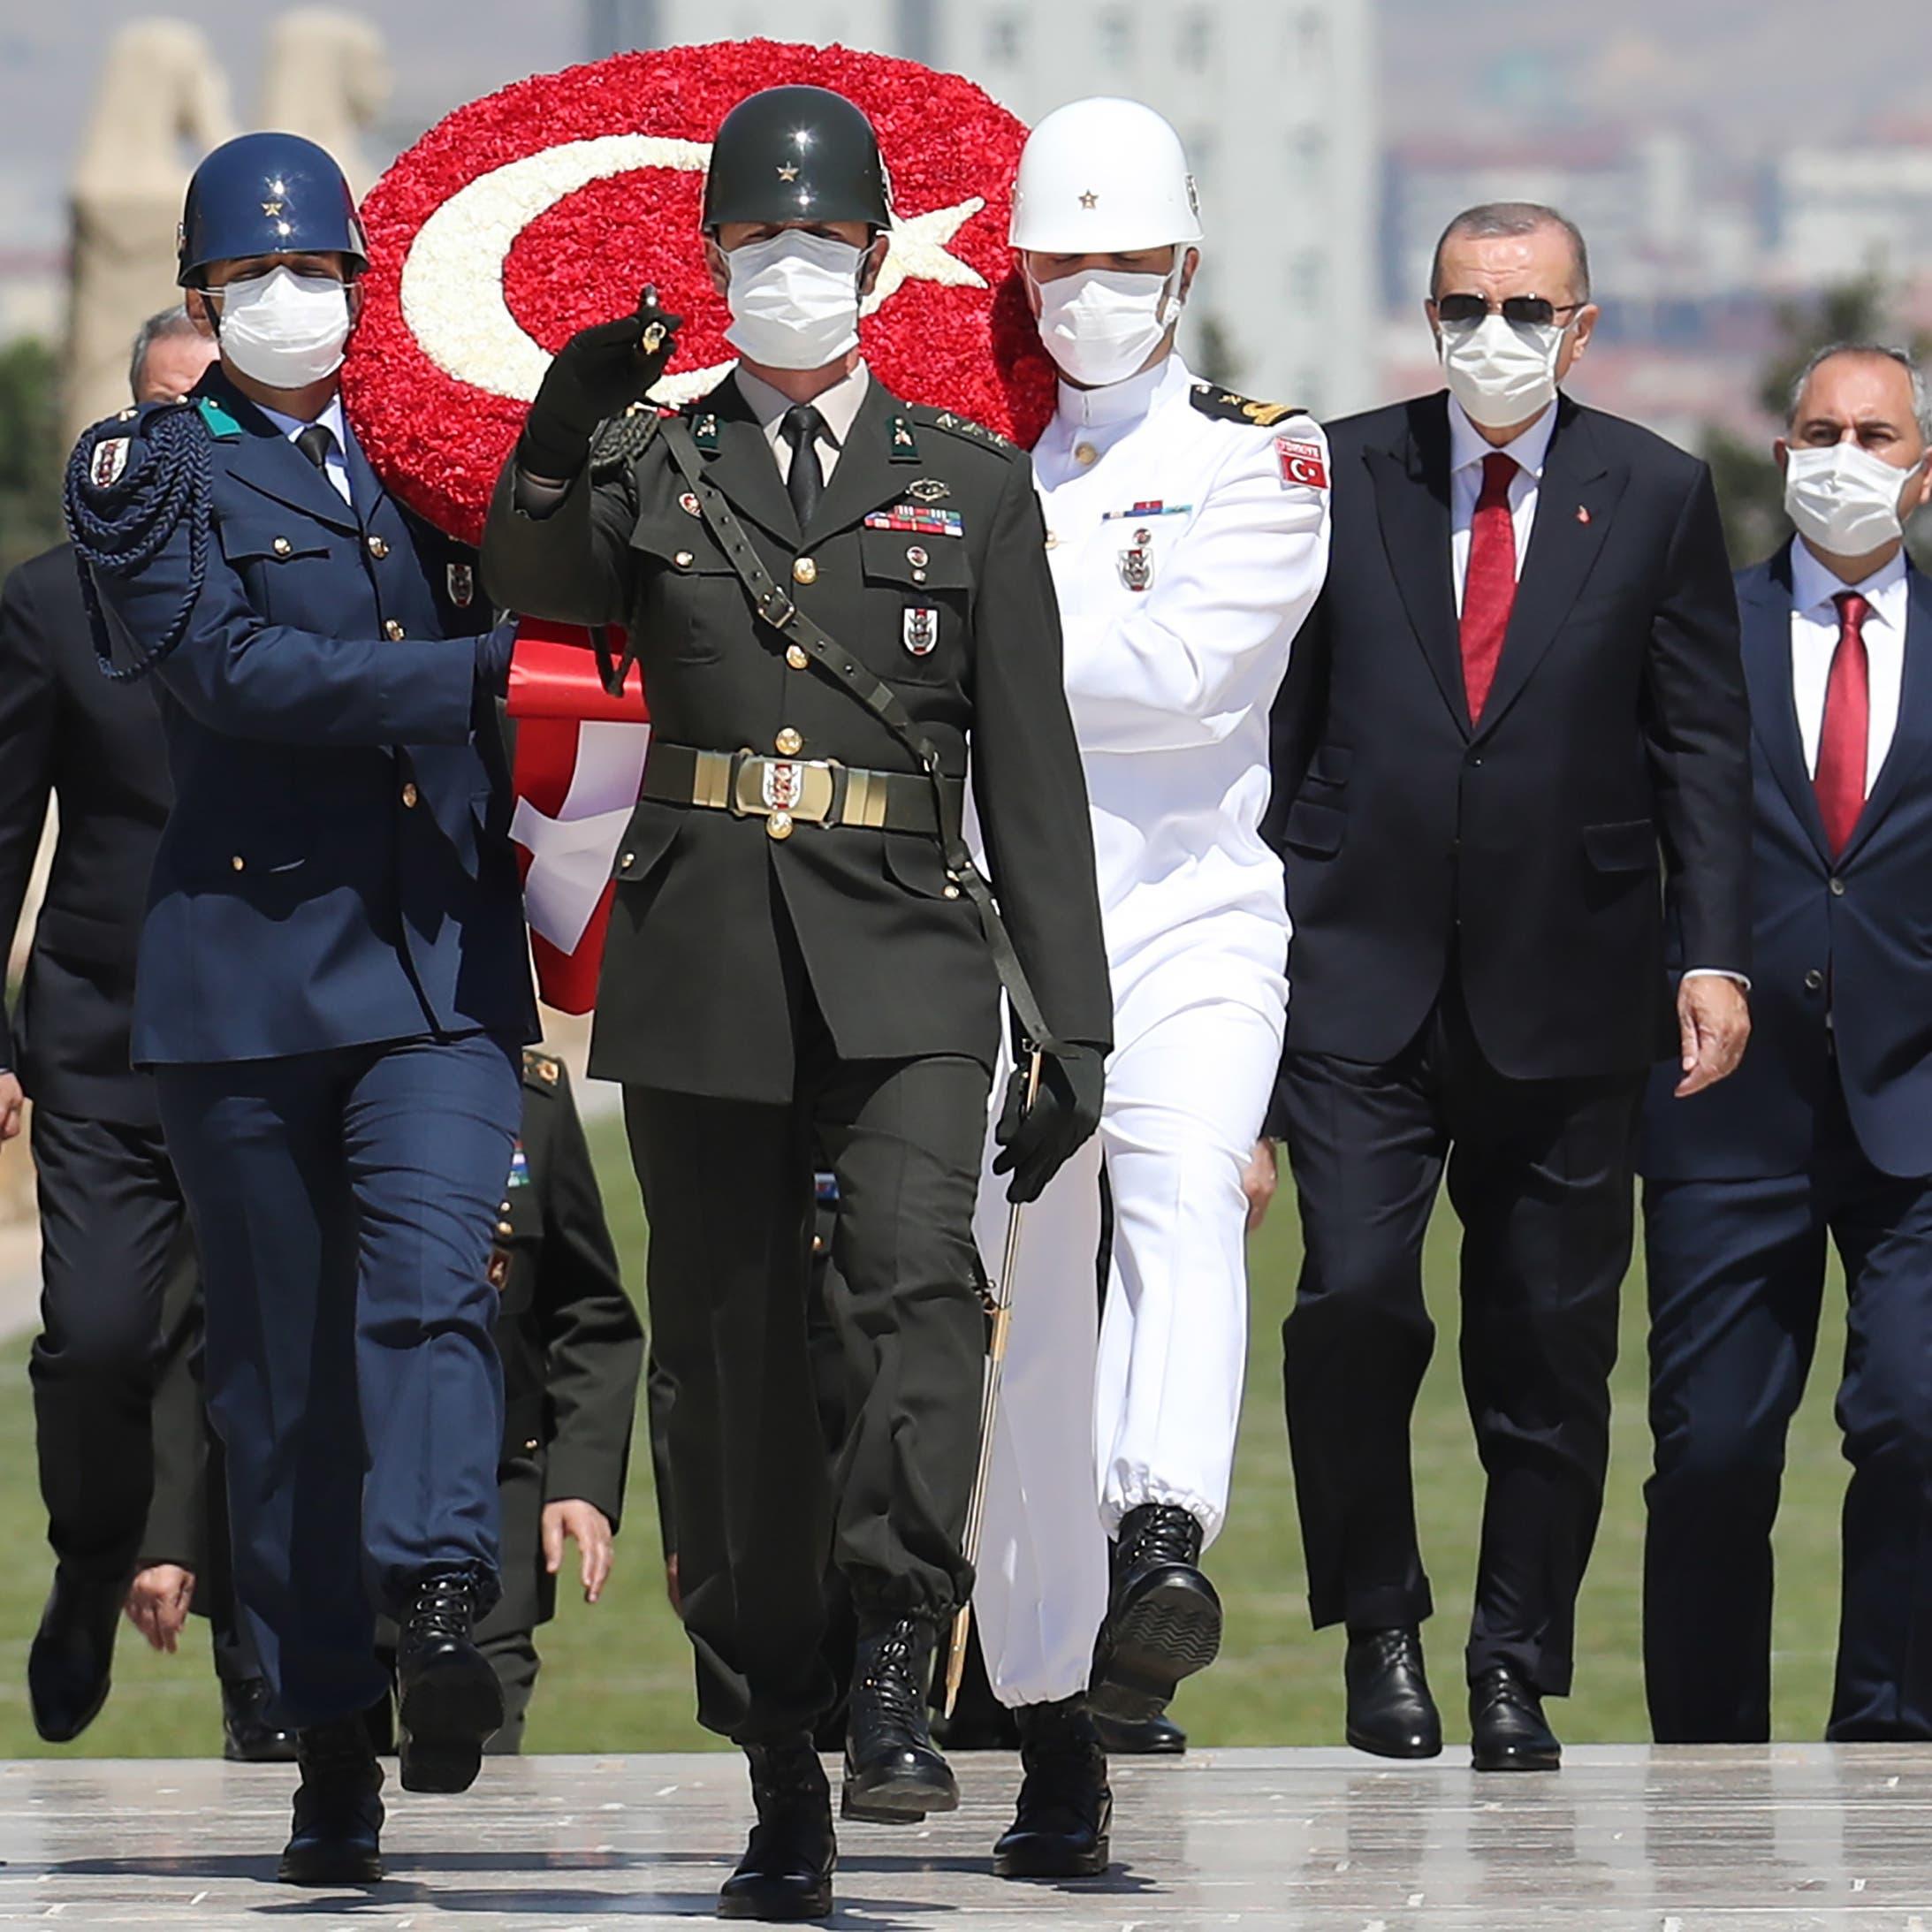 كلام فارغ.. سهام المعارضة ضد خطة أردوغان الحقوقية